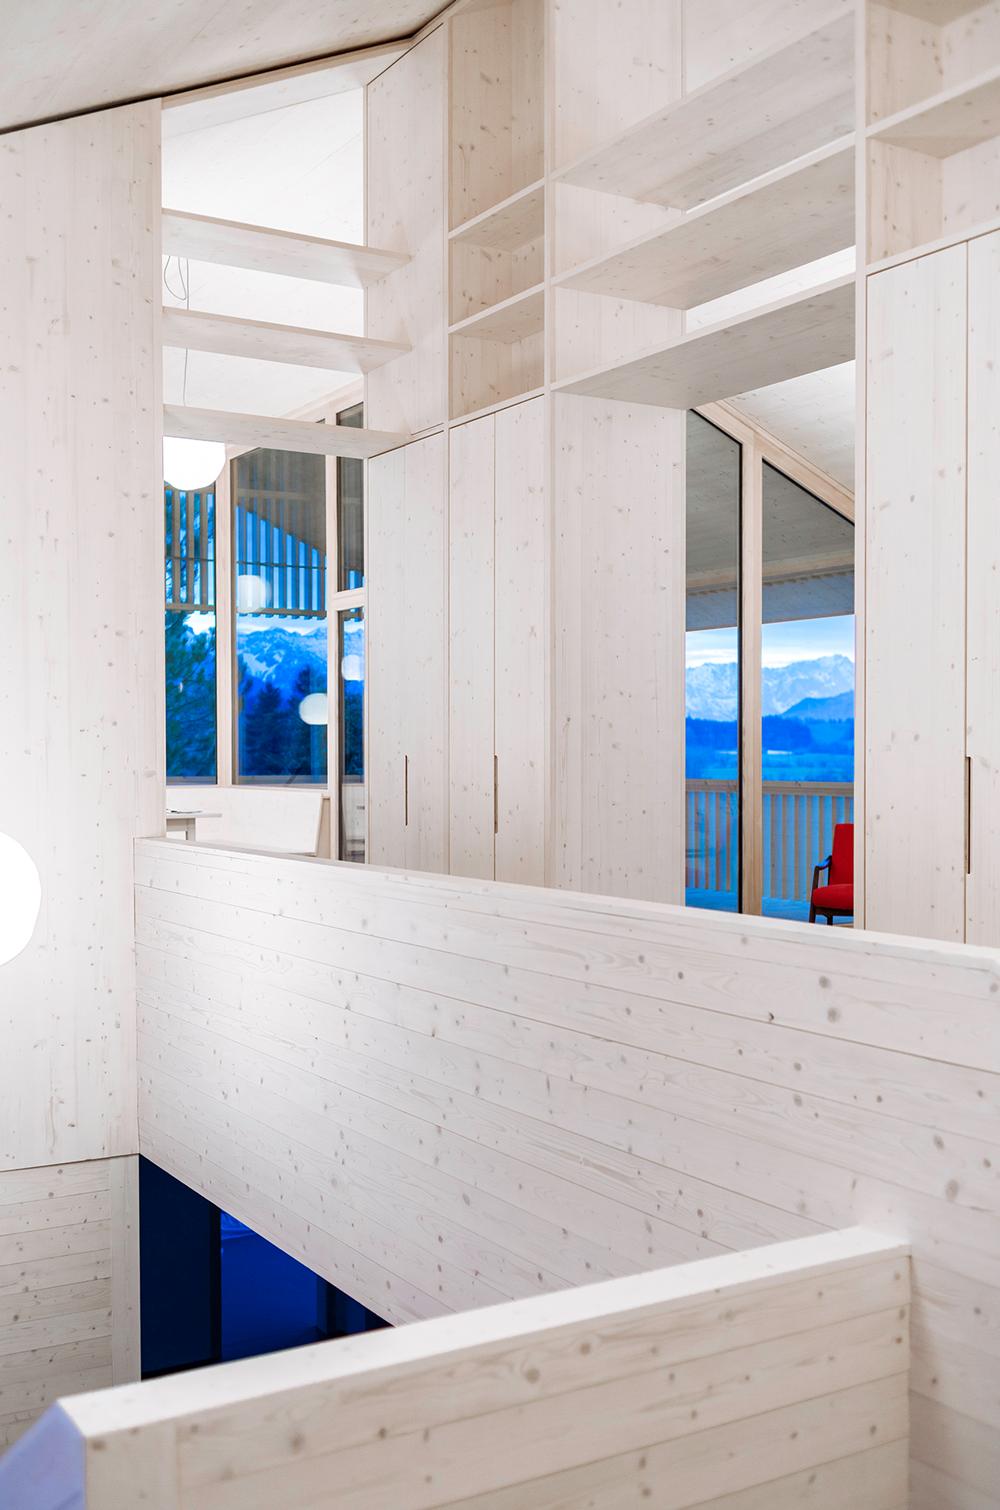 Holz Und Beton Muenchenarchitektur